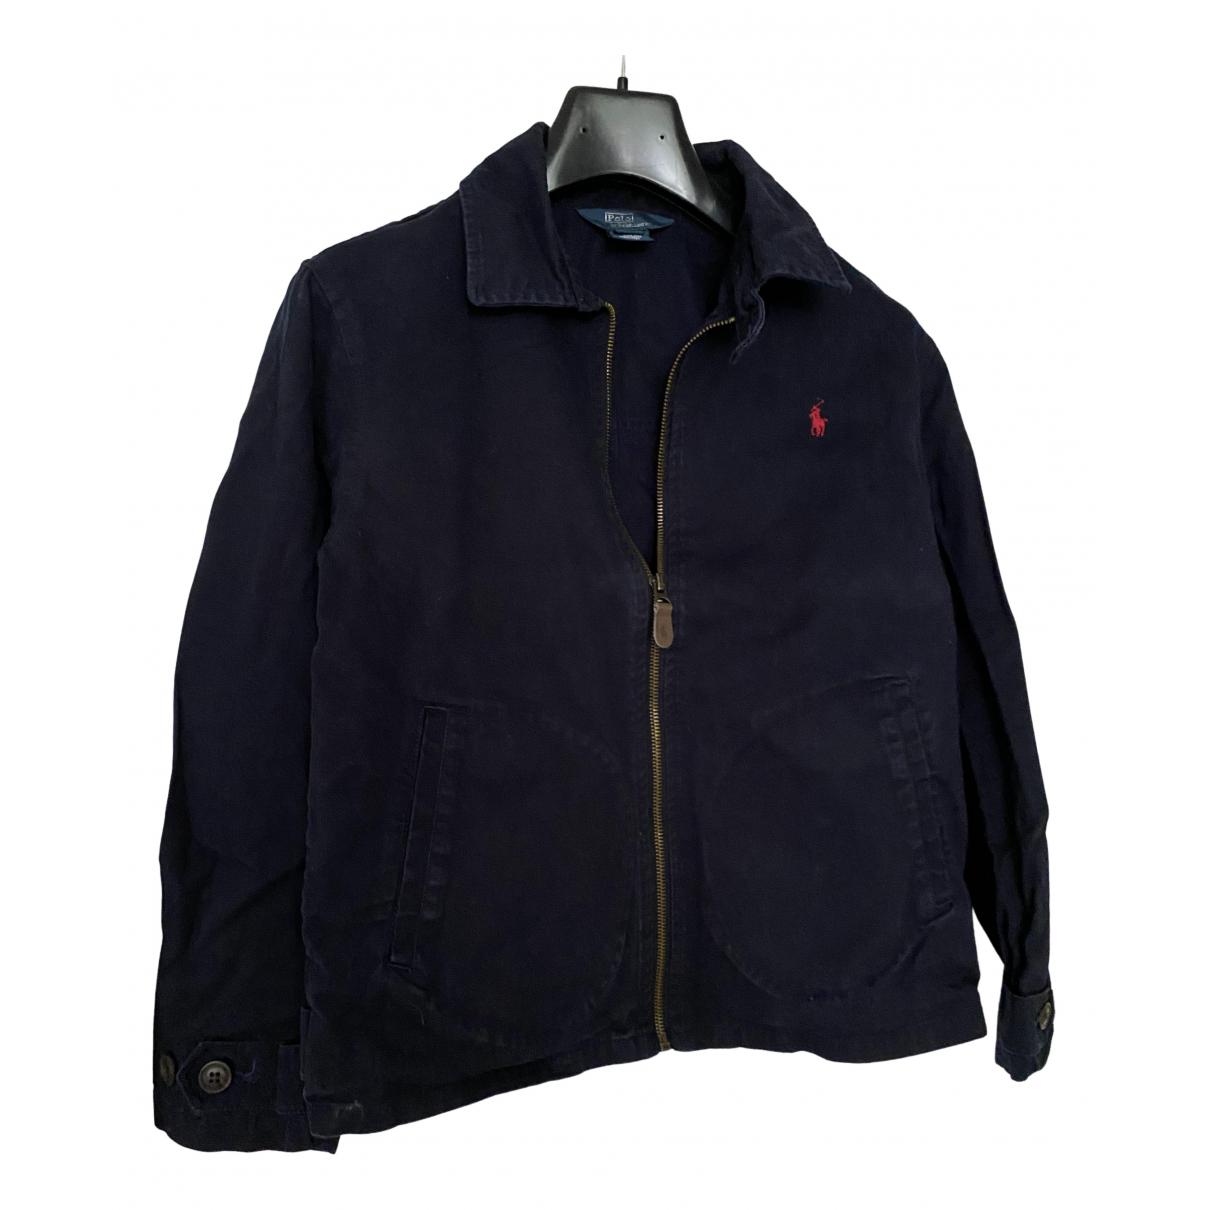 Polo Ralph Lauren - Blousons.Manteaux   pour enfant en coton - marine